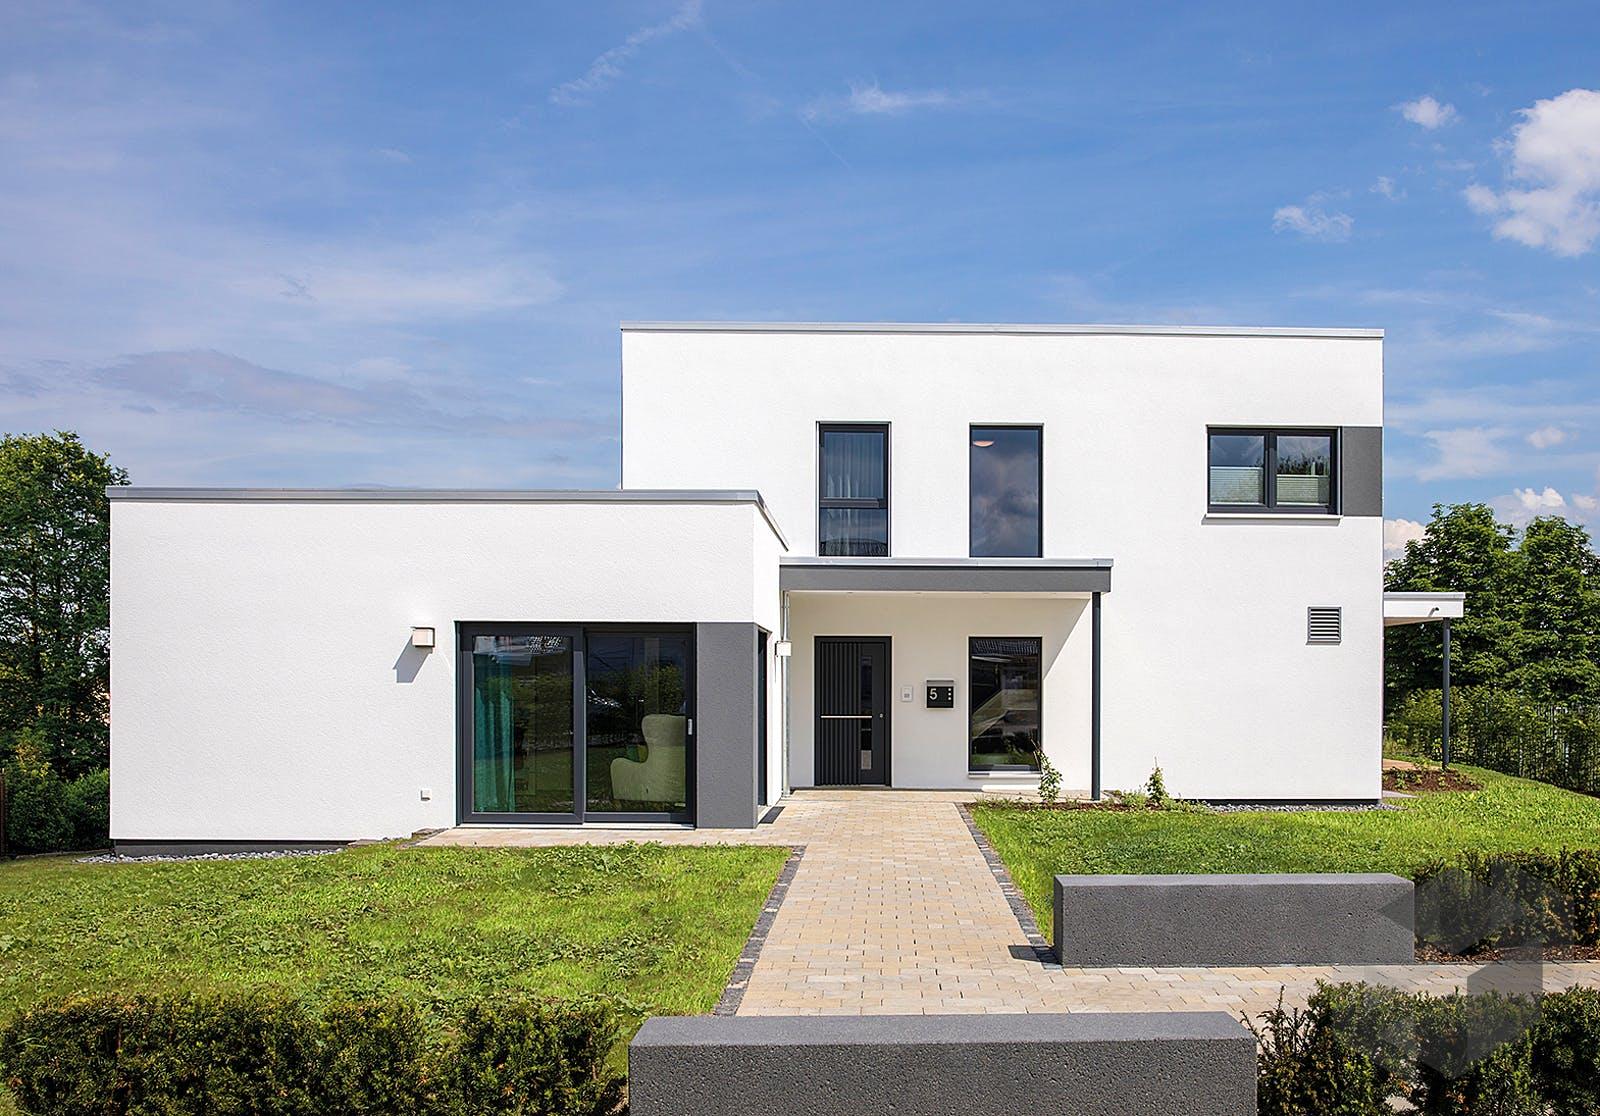 Mehrfamilienhaus - Preise | Anbieter | Vergleich